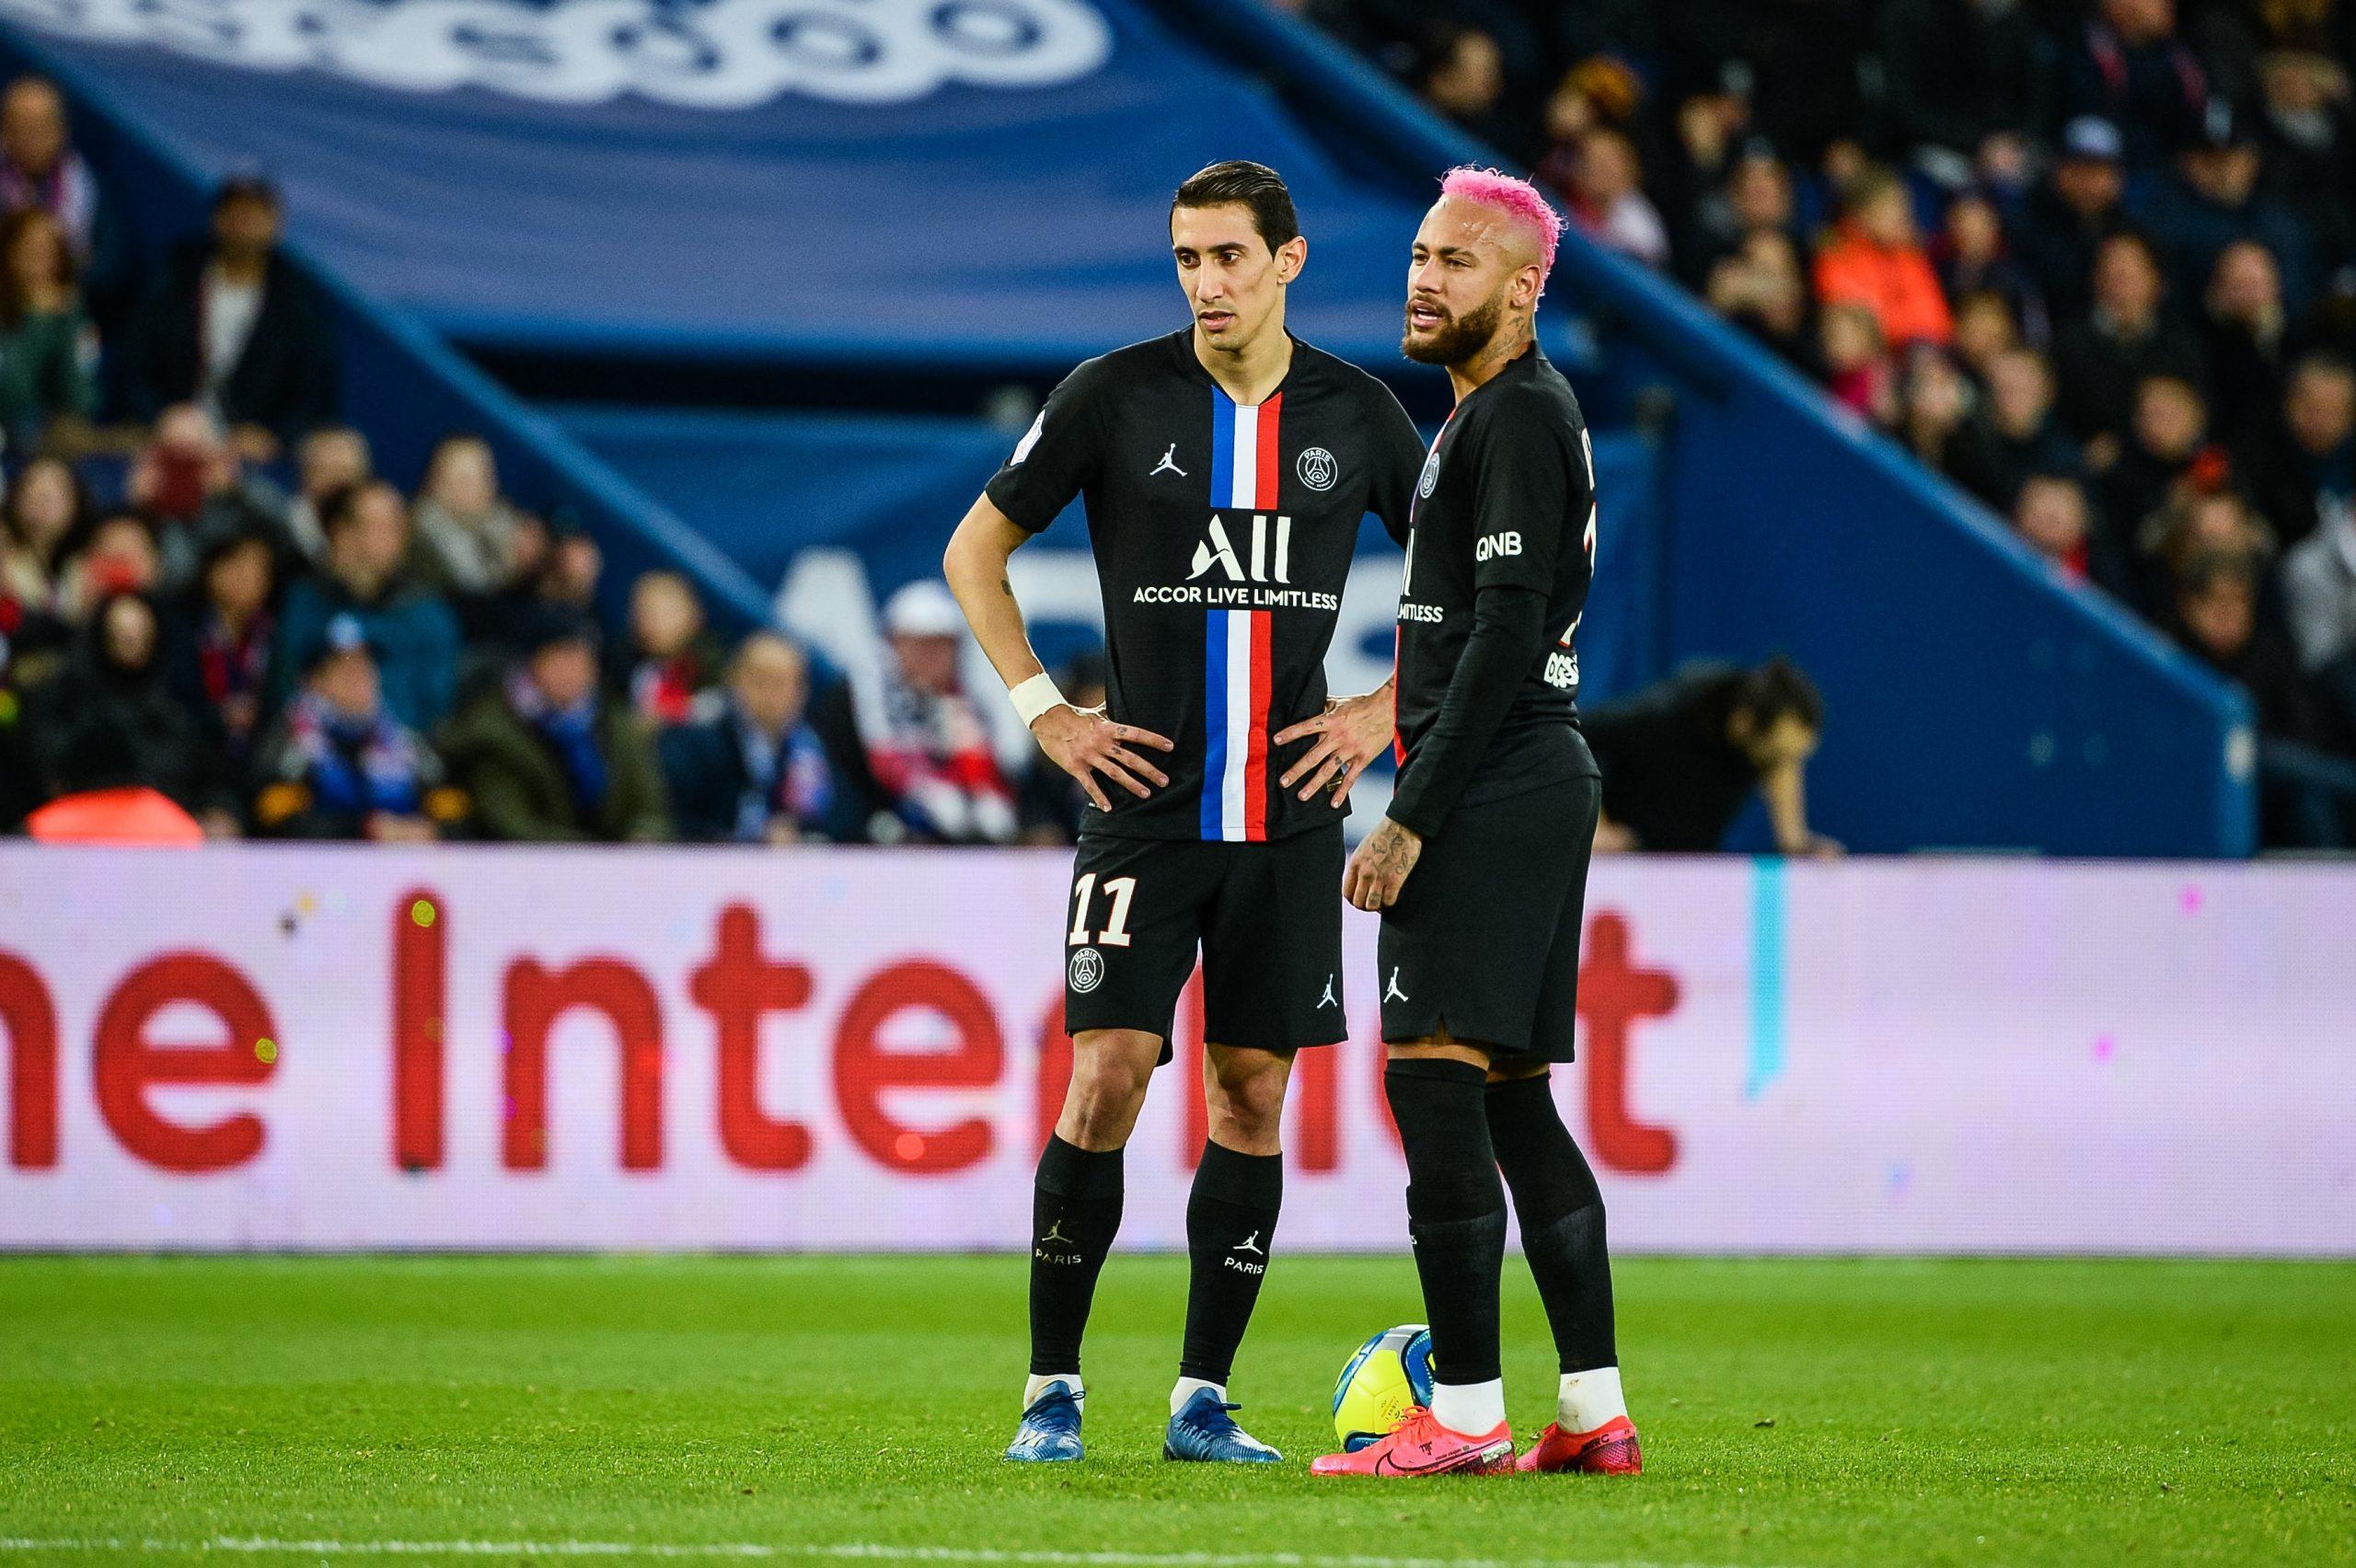 Sondage - Quelle est la plus belle réalisation du PSG cette saison ? 2e manche : Di Maria ou Neymar ?